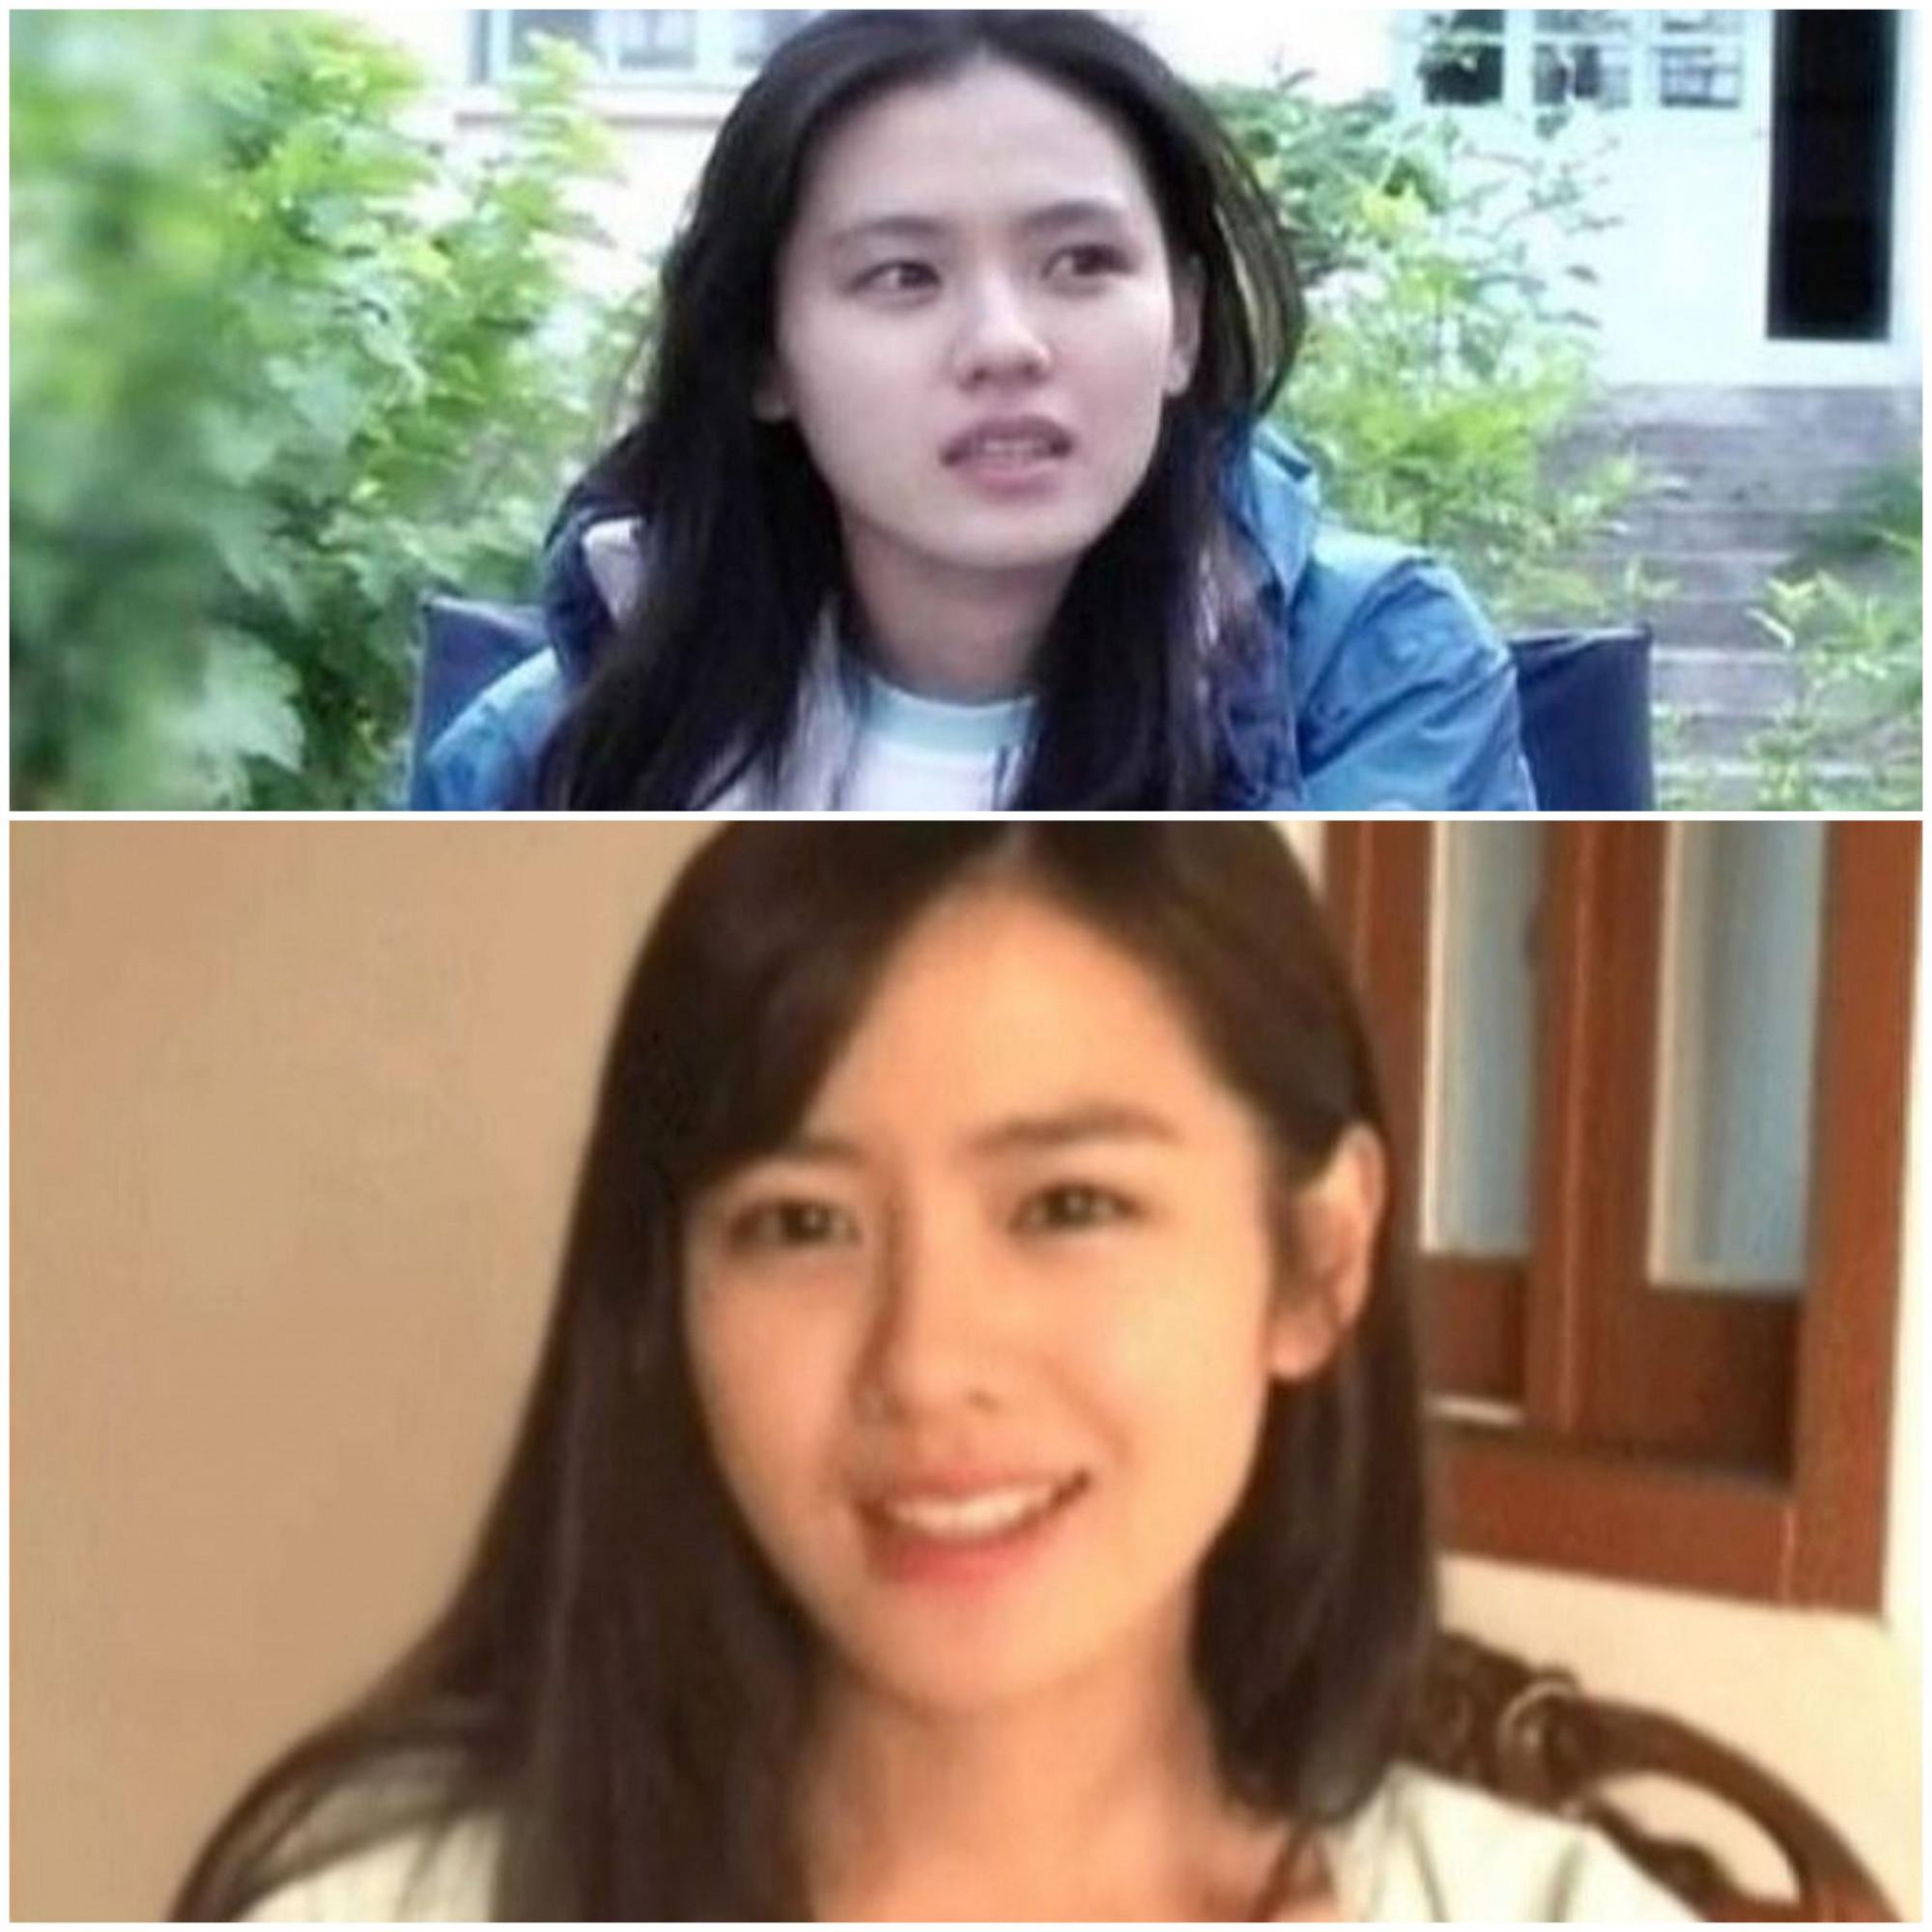 Trong khi đó, Son Ye Jin gây chú ý với khuôn mặt nhỏ nhắn, nụ cười duyên mang đậm nét đẹp của người con gái Á Đông.